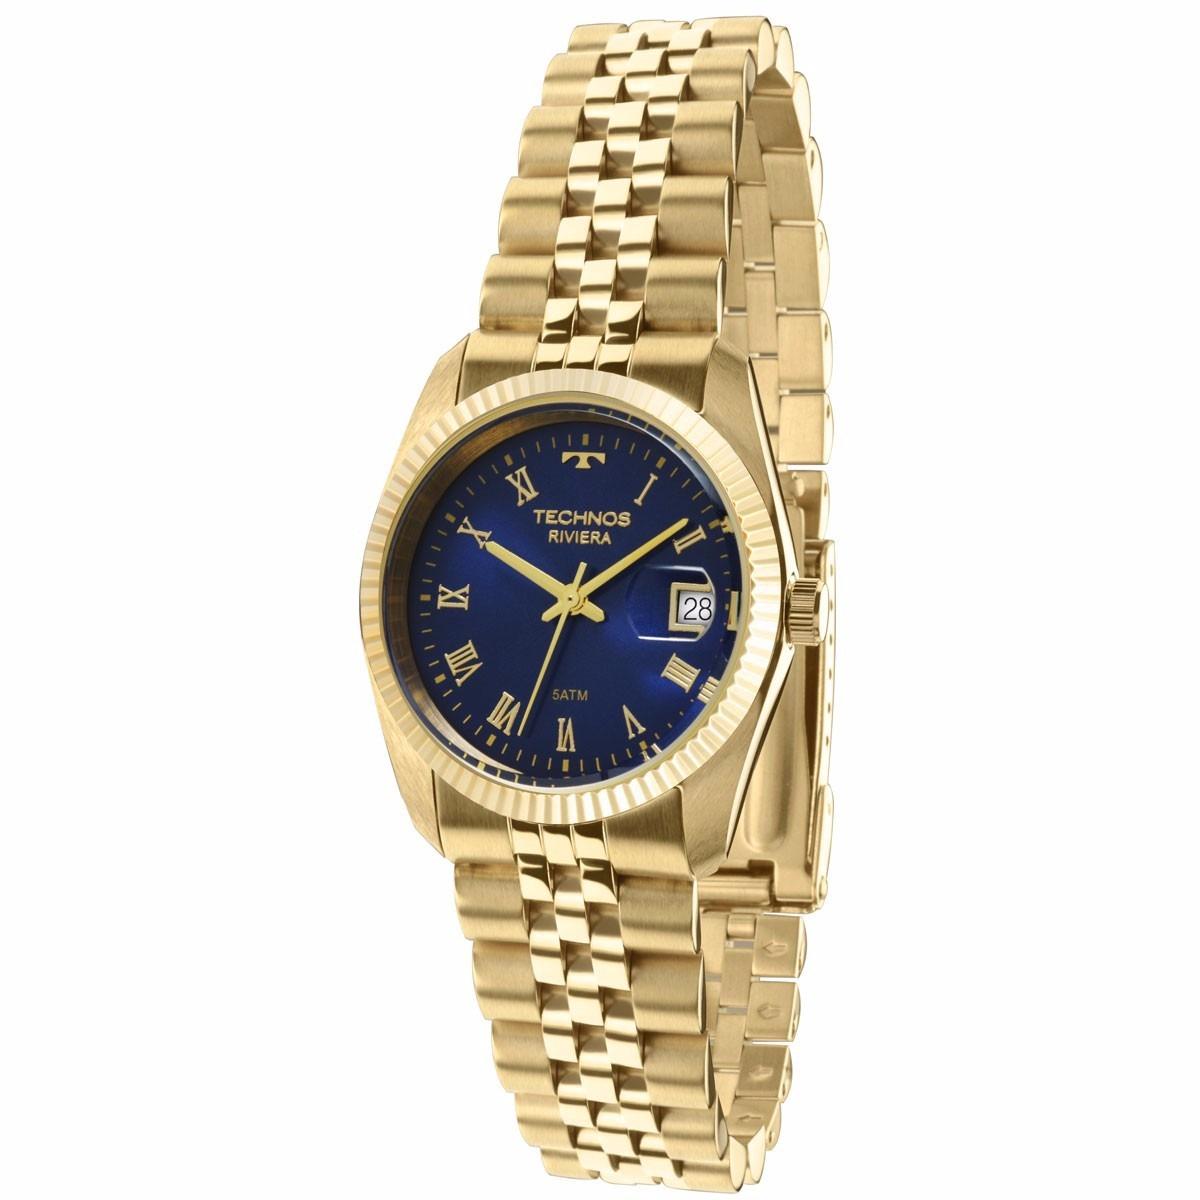 Relógio Technos Feminino Riviera Gl10ib 4a Dourado - R  399,00 em Mercado  Livre 28b08b8c4c